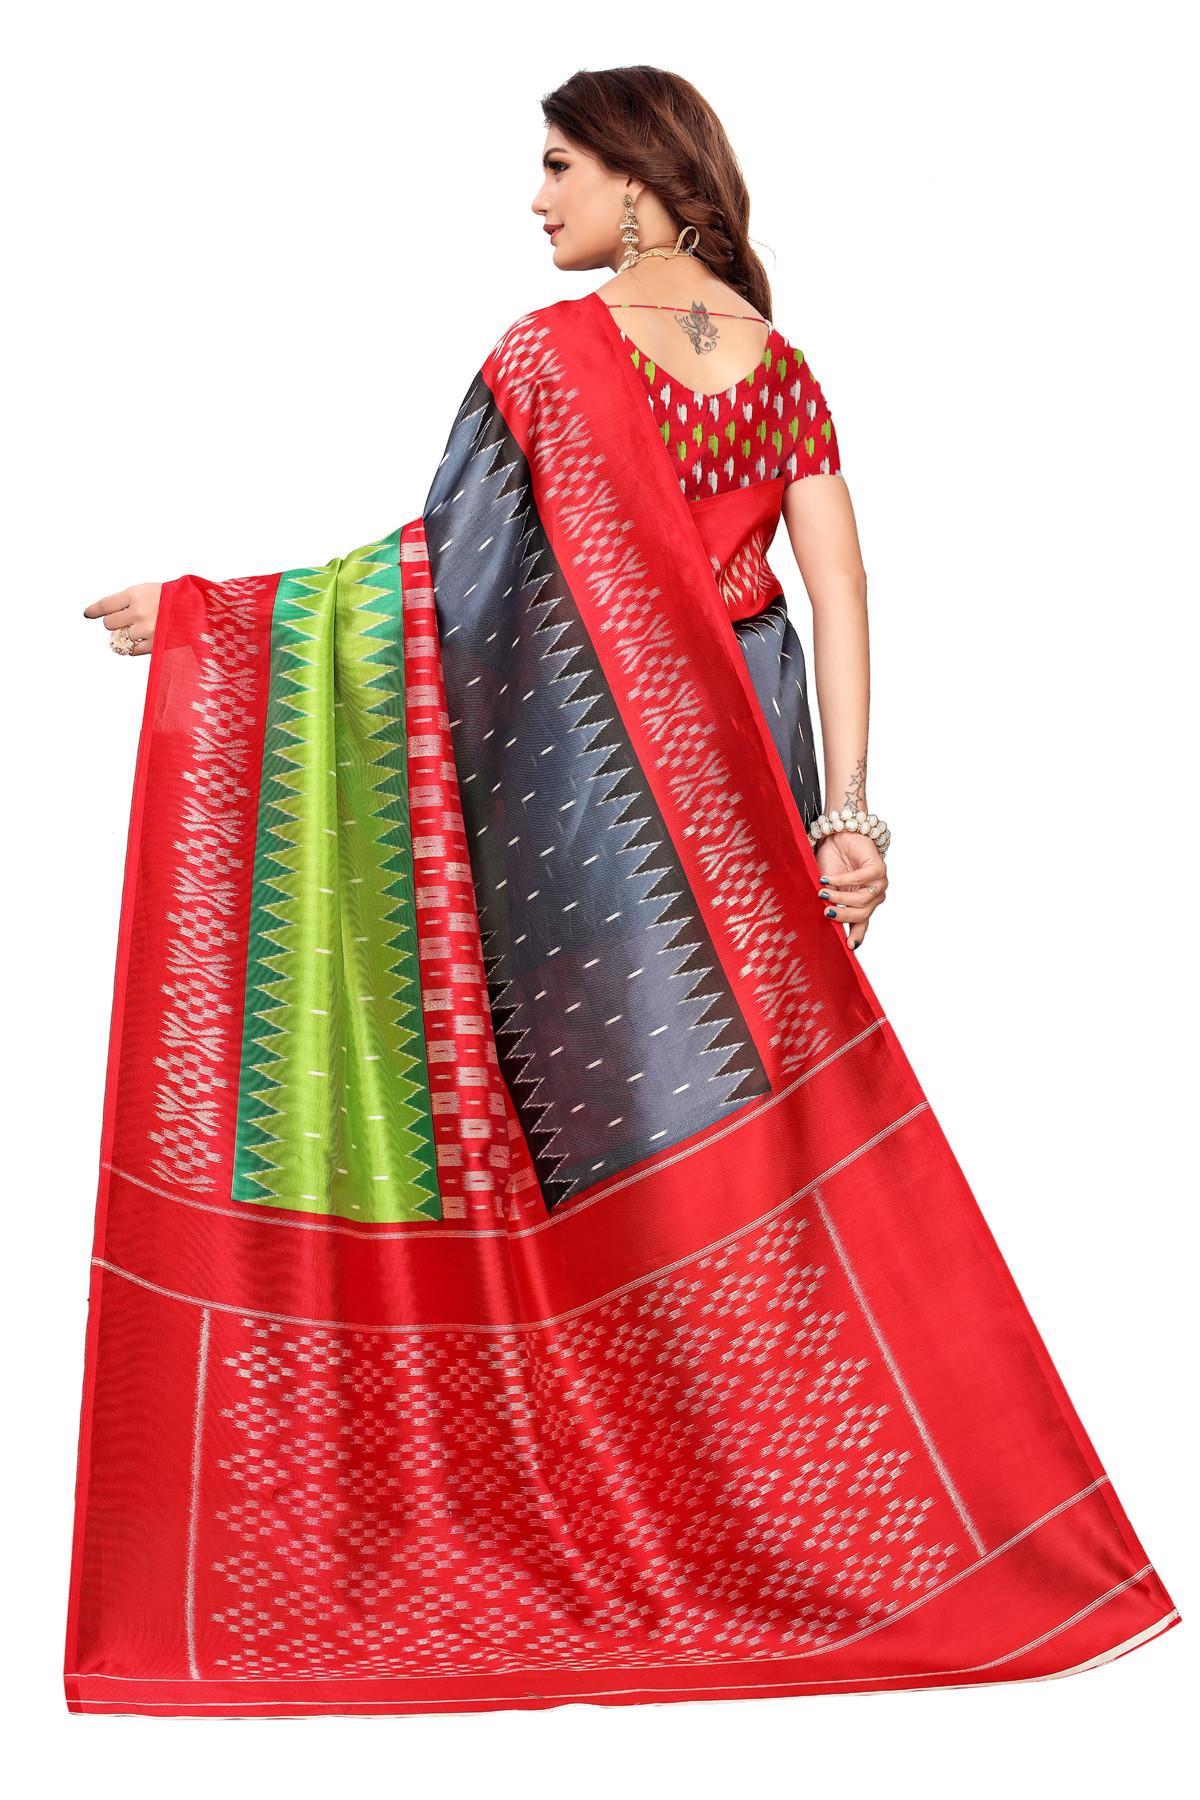 Designer MultiColor party wear Denting saree